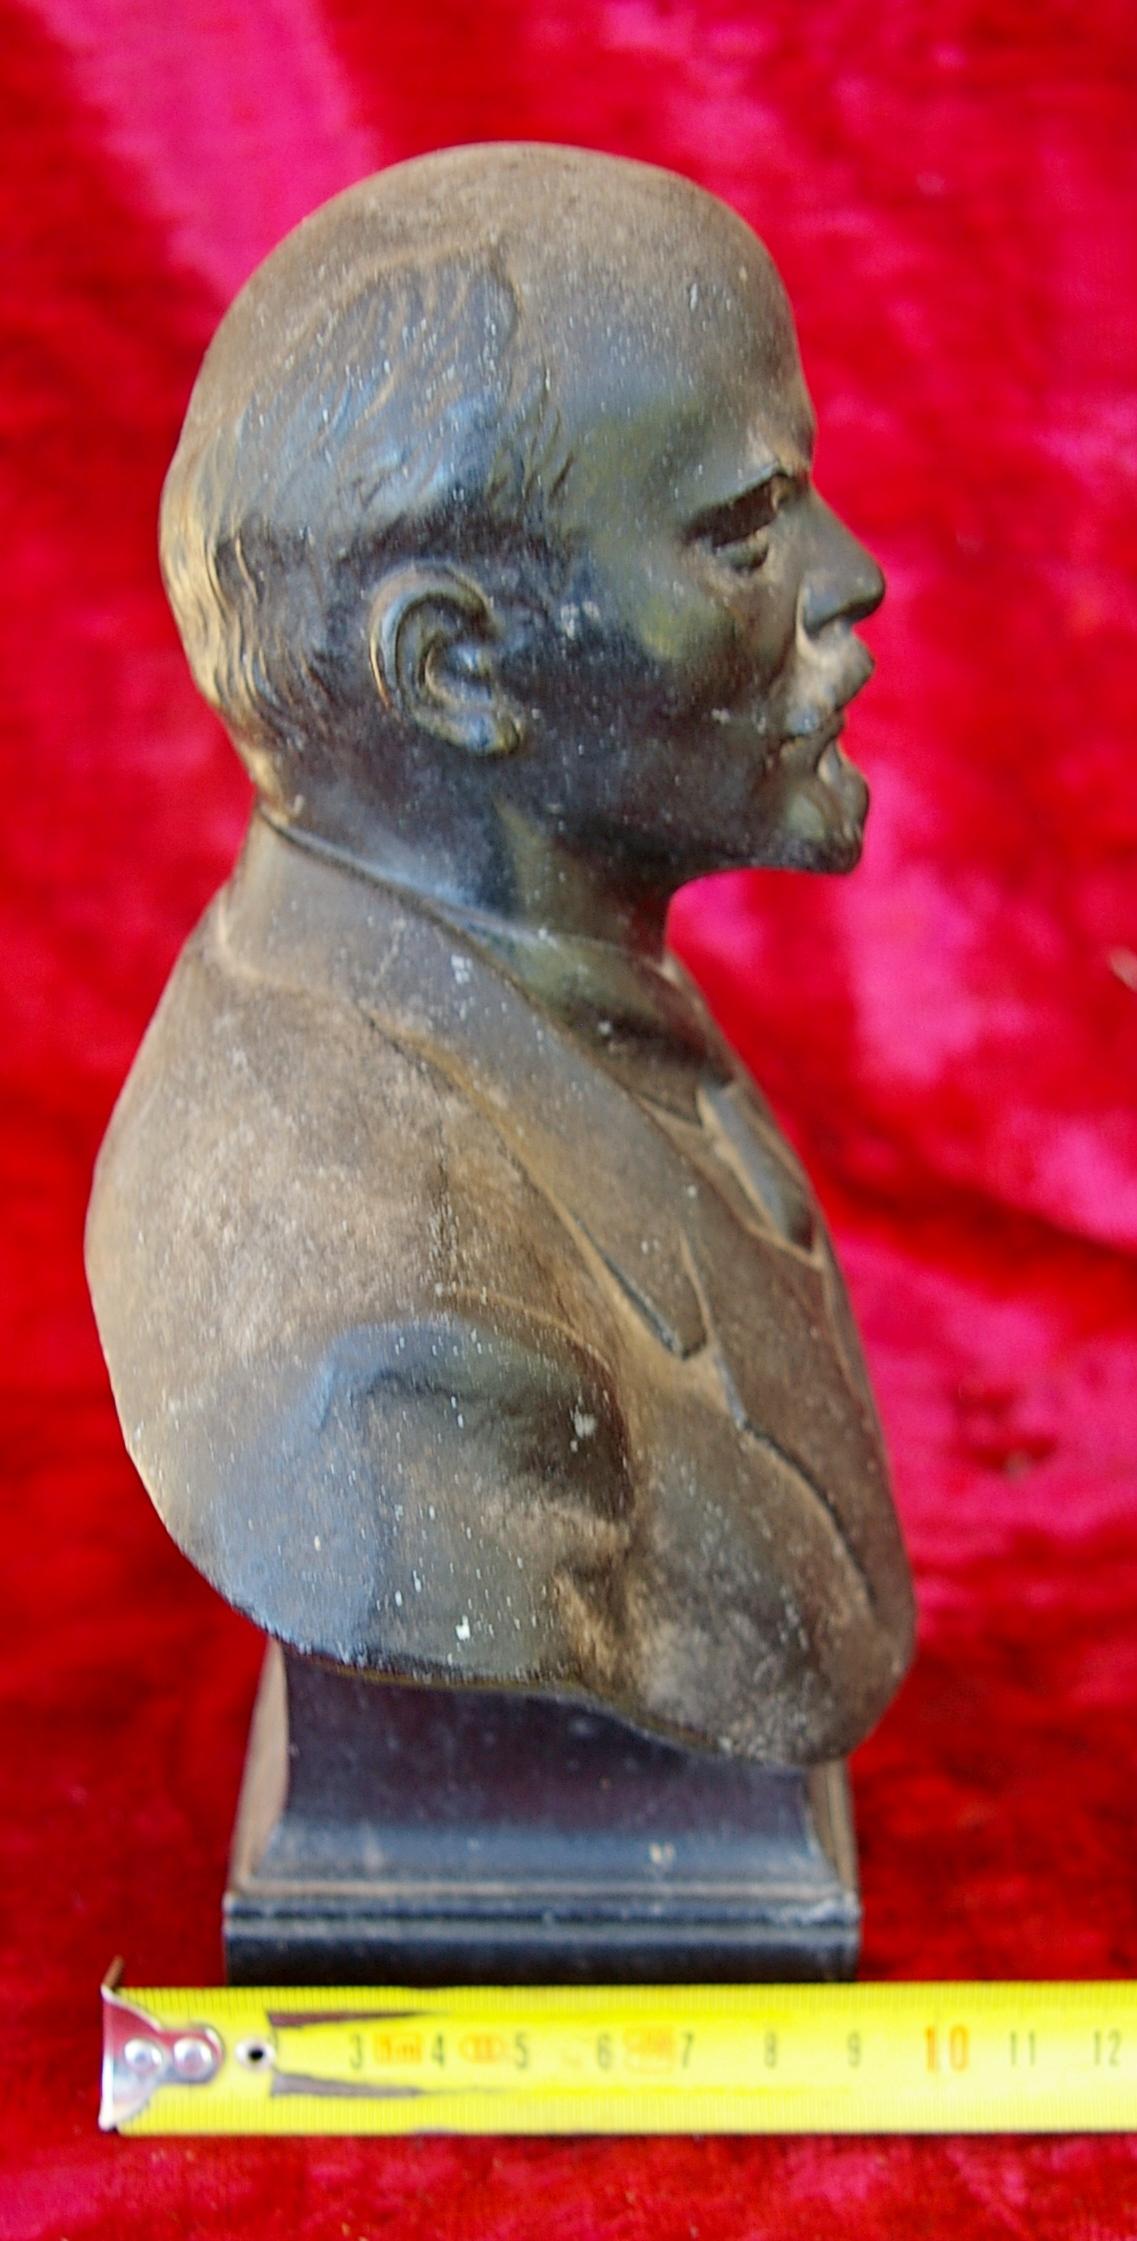 Ленин бюст, материал метал, высота 24 см., ширина 7 см., длина 7 см.  - 9